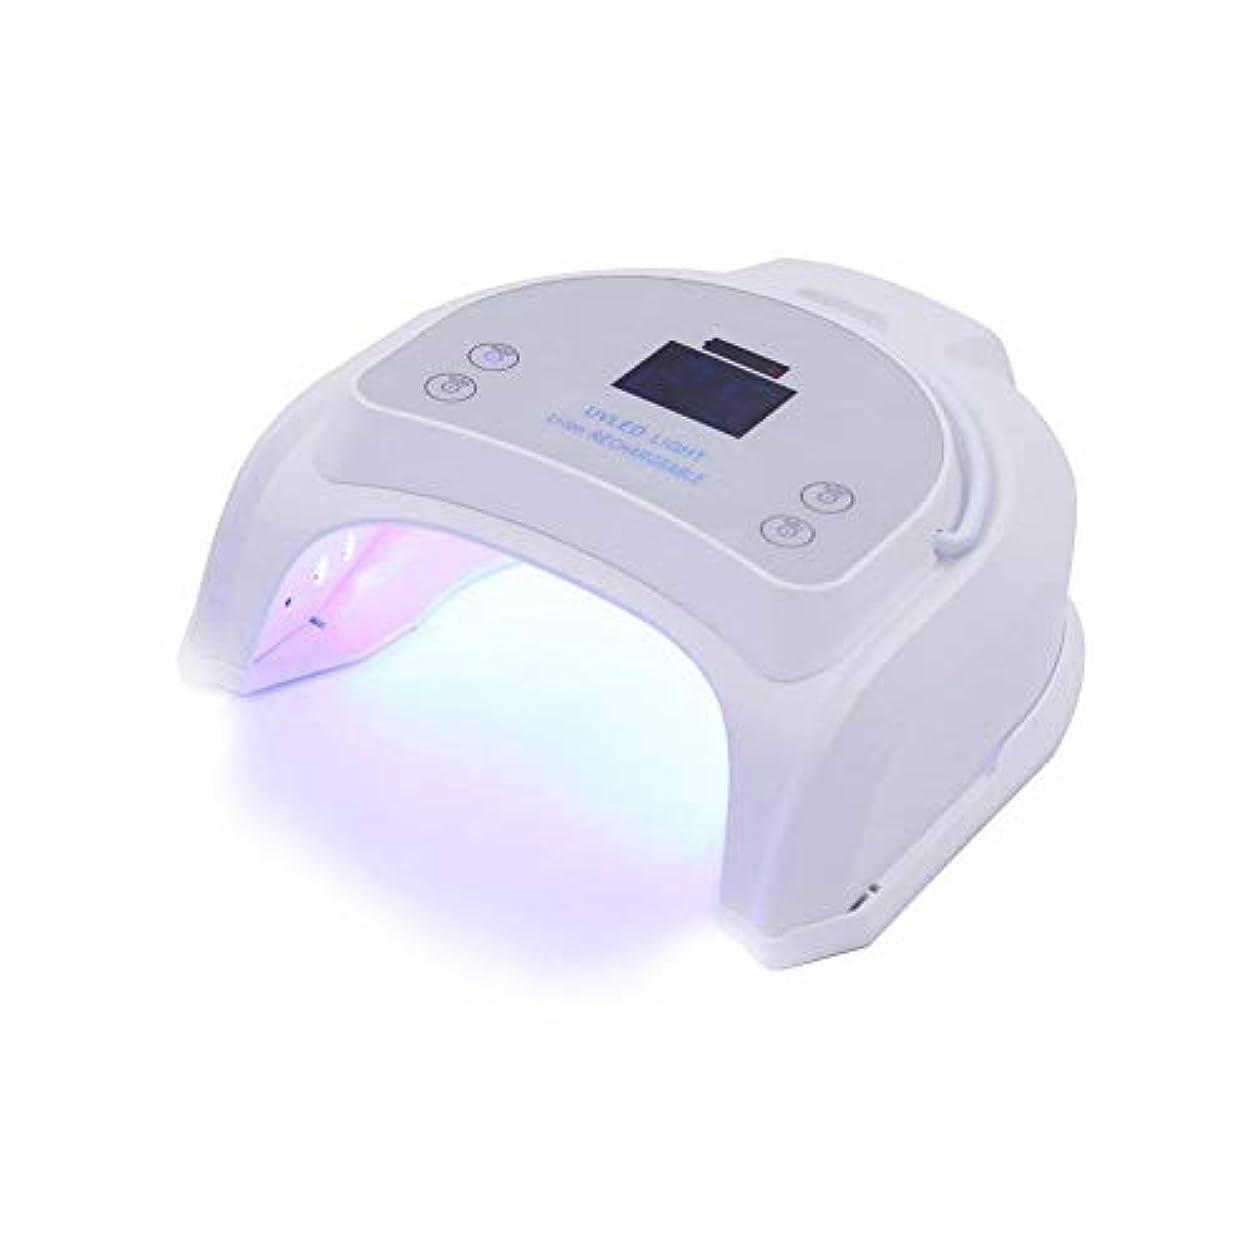 嵐のスリップシューズタクシーUVライト UVネイルライト LEDネイルドライヤー 64W ネイル光線療法機 プロ ミラーデザイン 丈夫なアウターケーシング 速い 安全性 無味